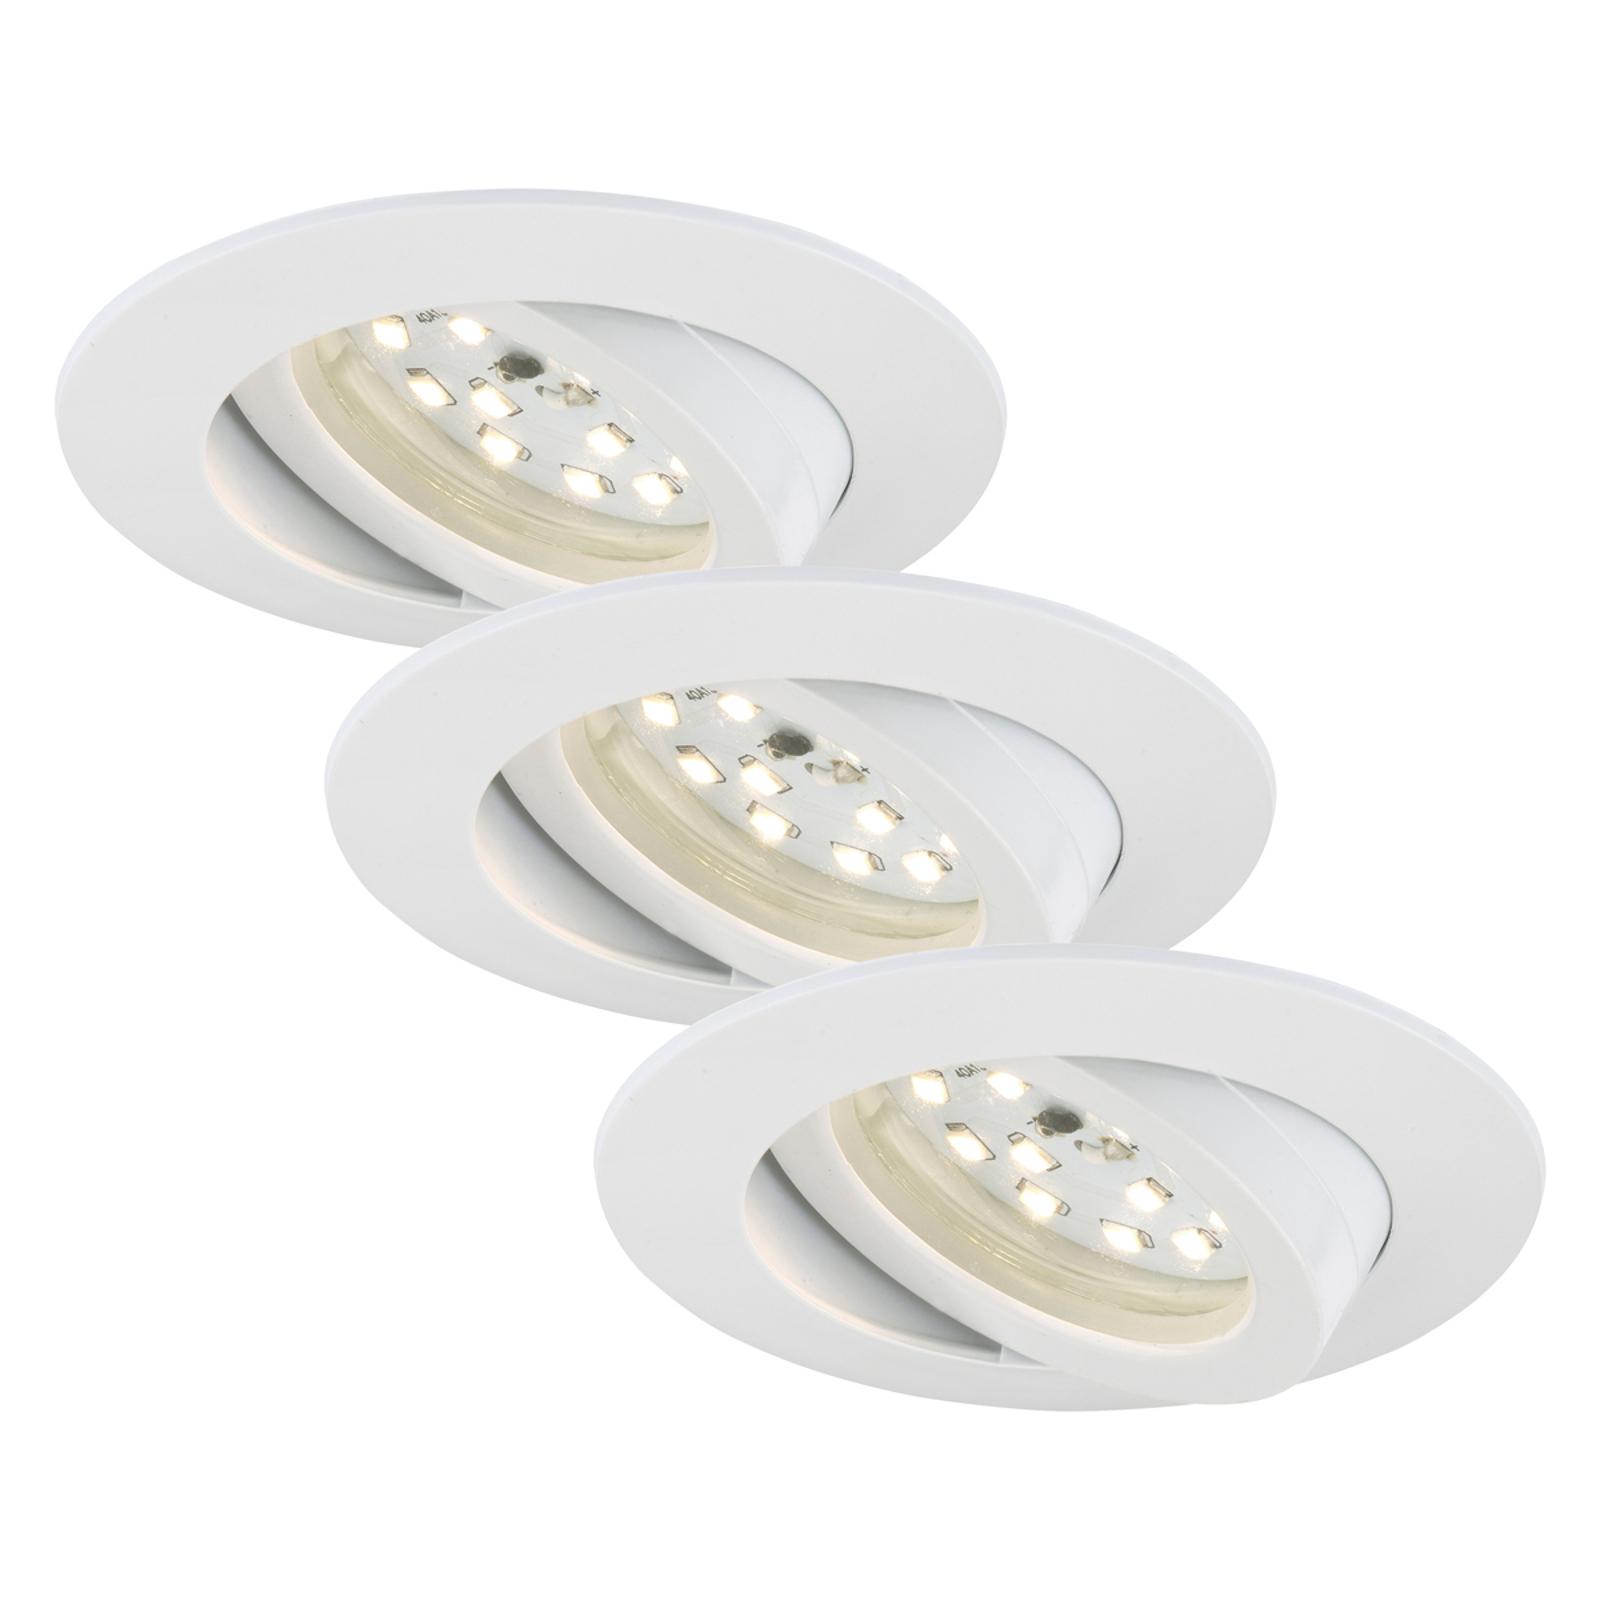 Svingbar LED-indbygningslampe Bert, sæt med 3 stk.